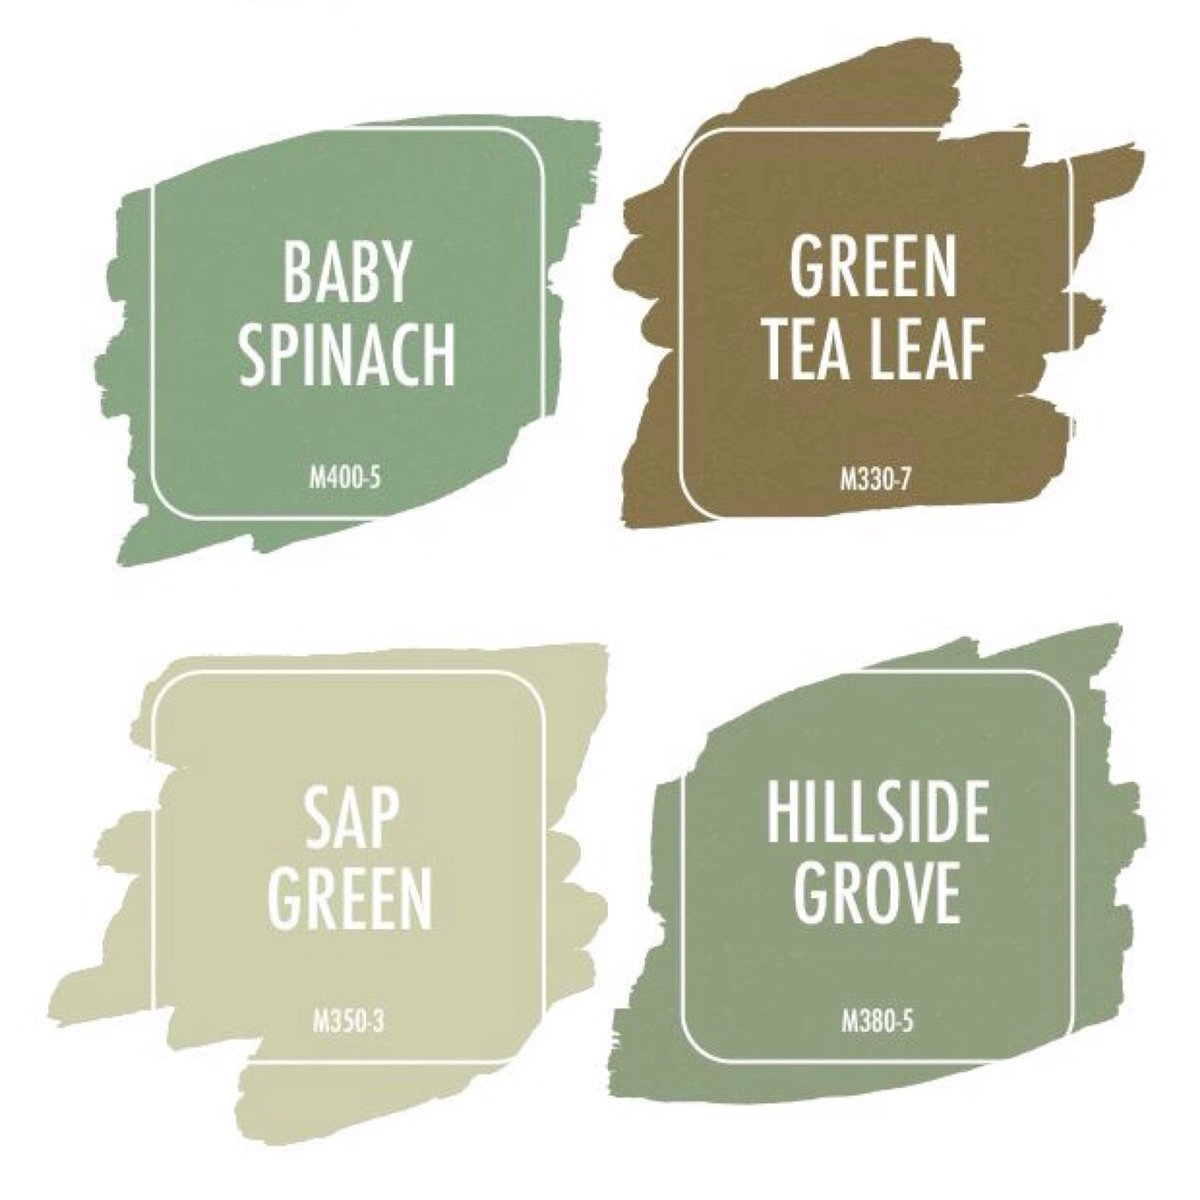 3 Baby Spinach 4 Green Tea Leaf 5 Sap 6 Hillside Grove Sesuai Dijadikan Warna 1 Feature Wall 2 Bilik Study Tidur Ruang Tamu Mandi